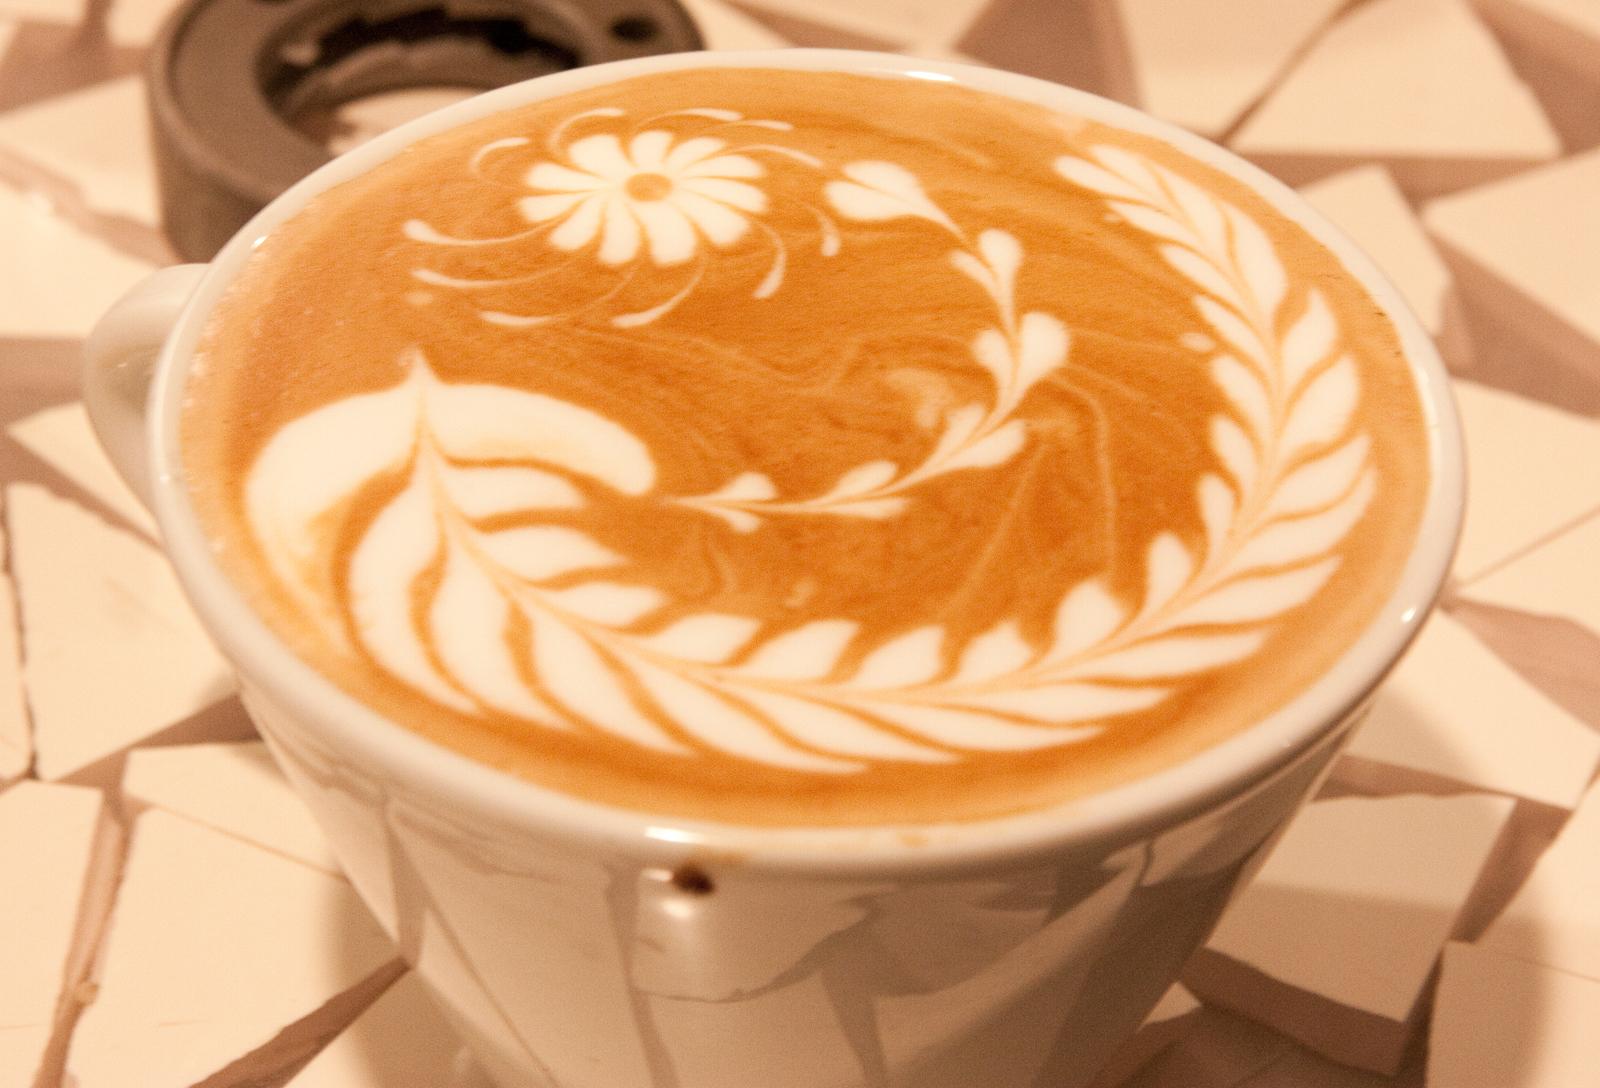 La-Cittadella-Caffè-Corso-LatteArt-Cappuccino